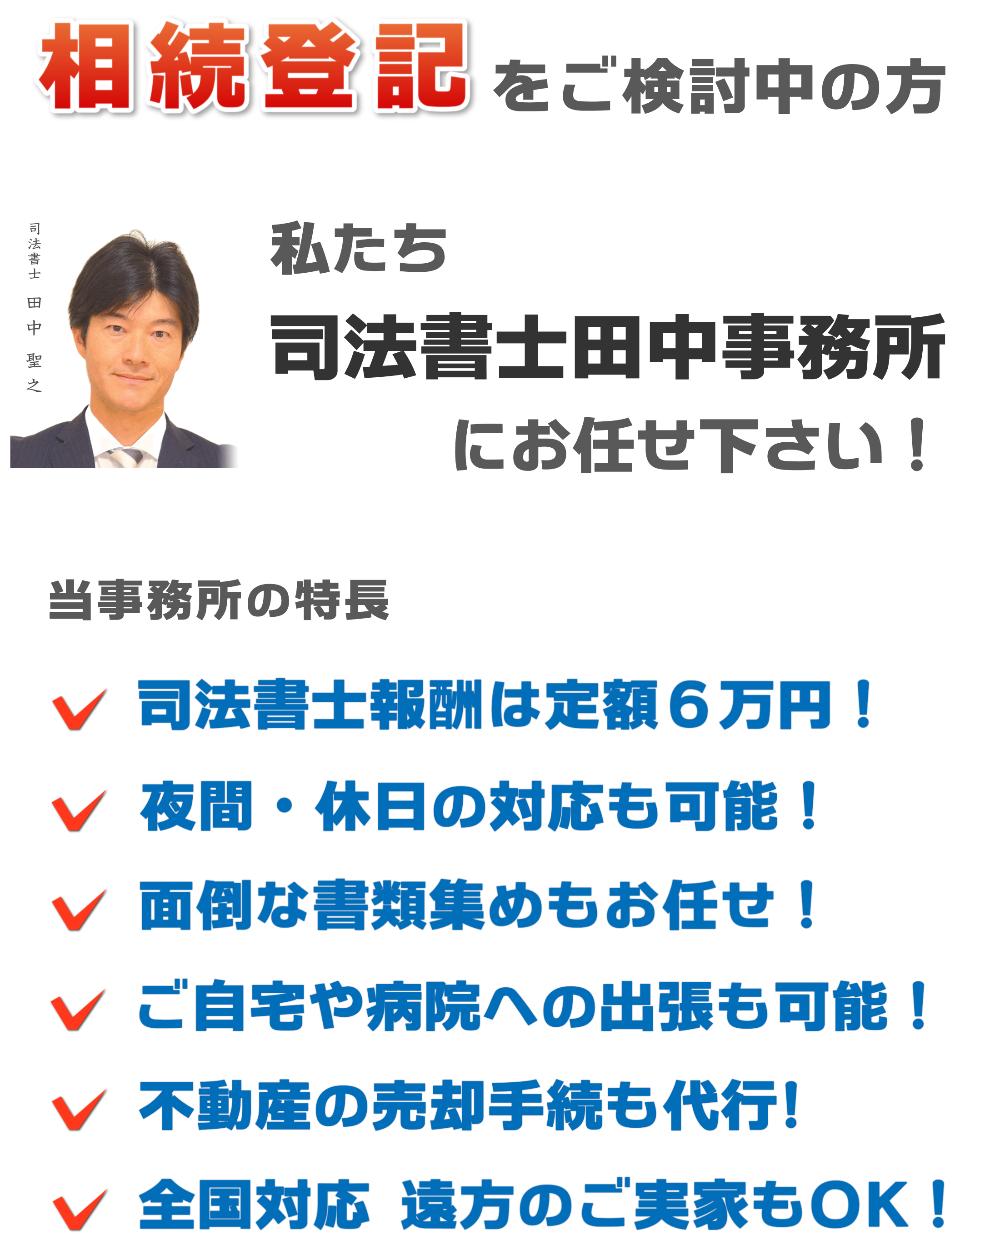 相続登記司法書士田中事務所